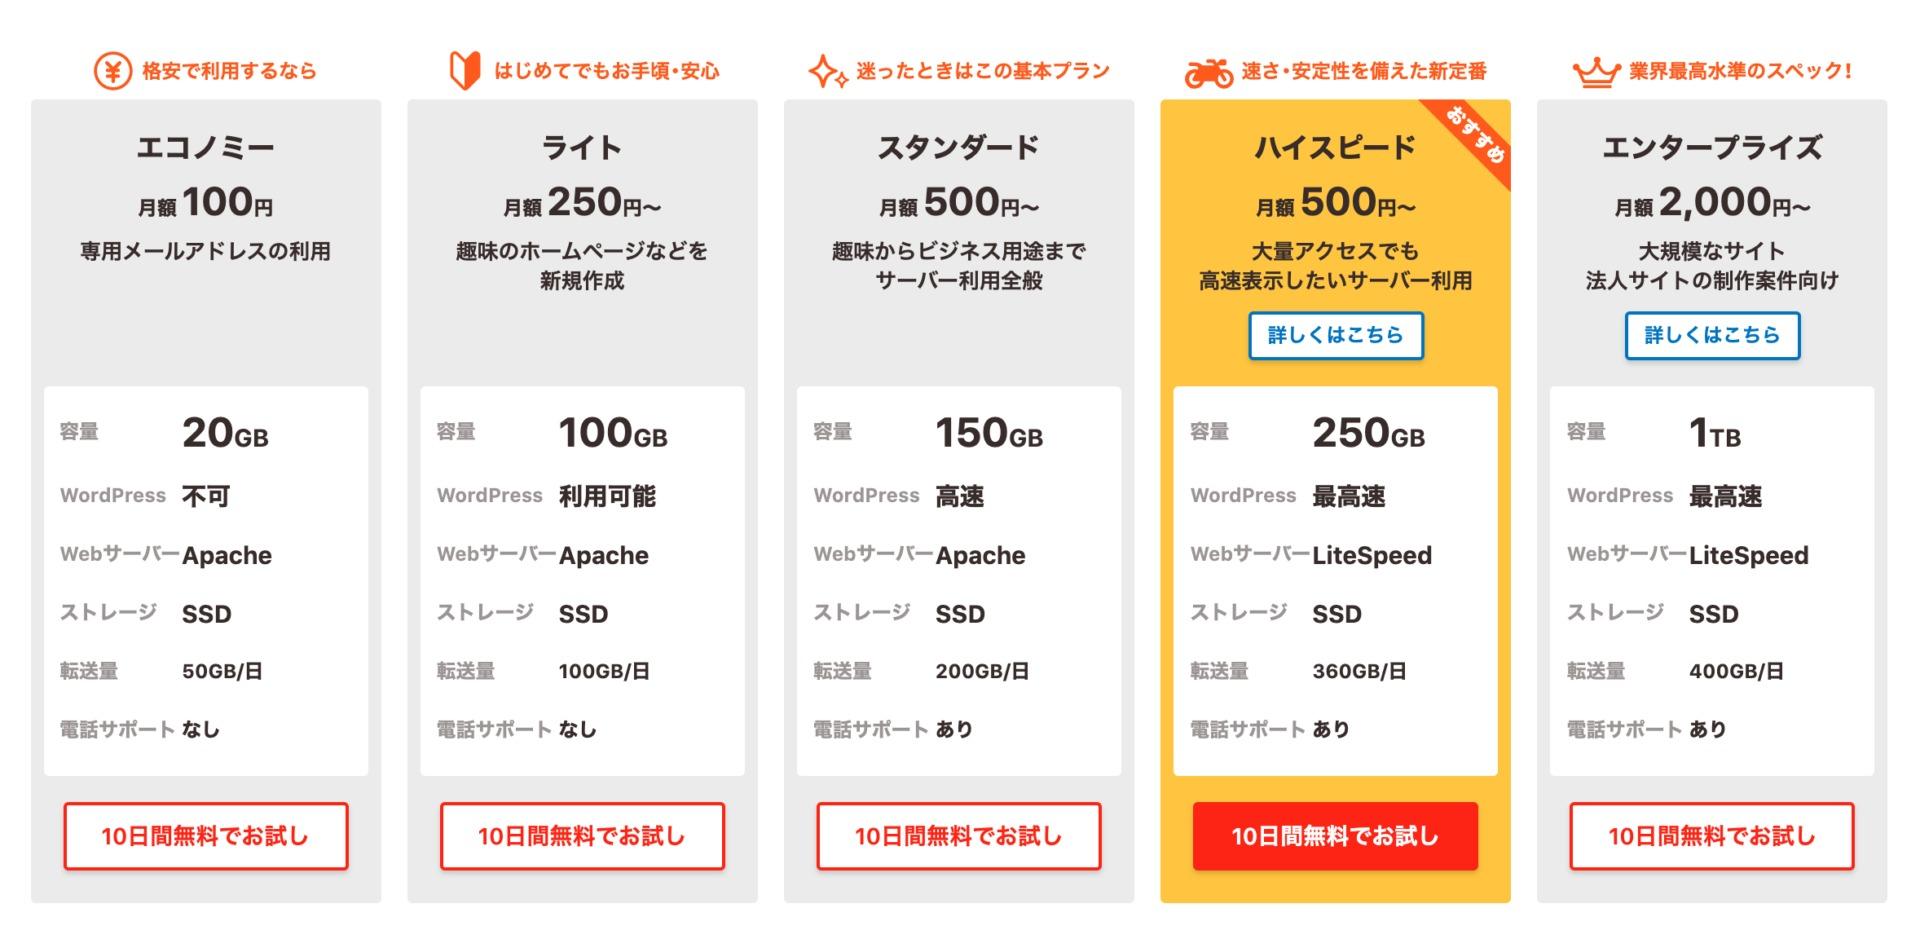 ロリポップ社のサーバー価格表